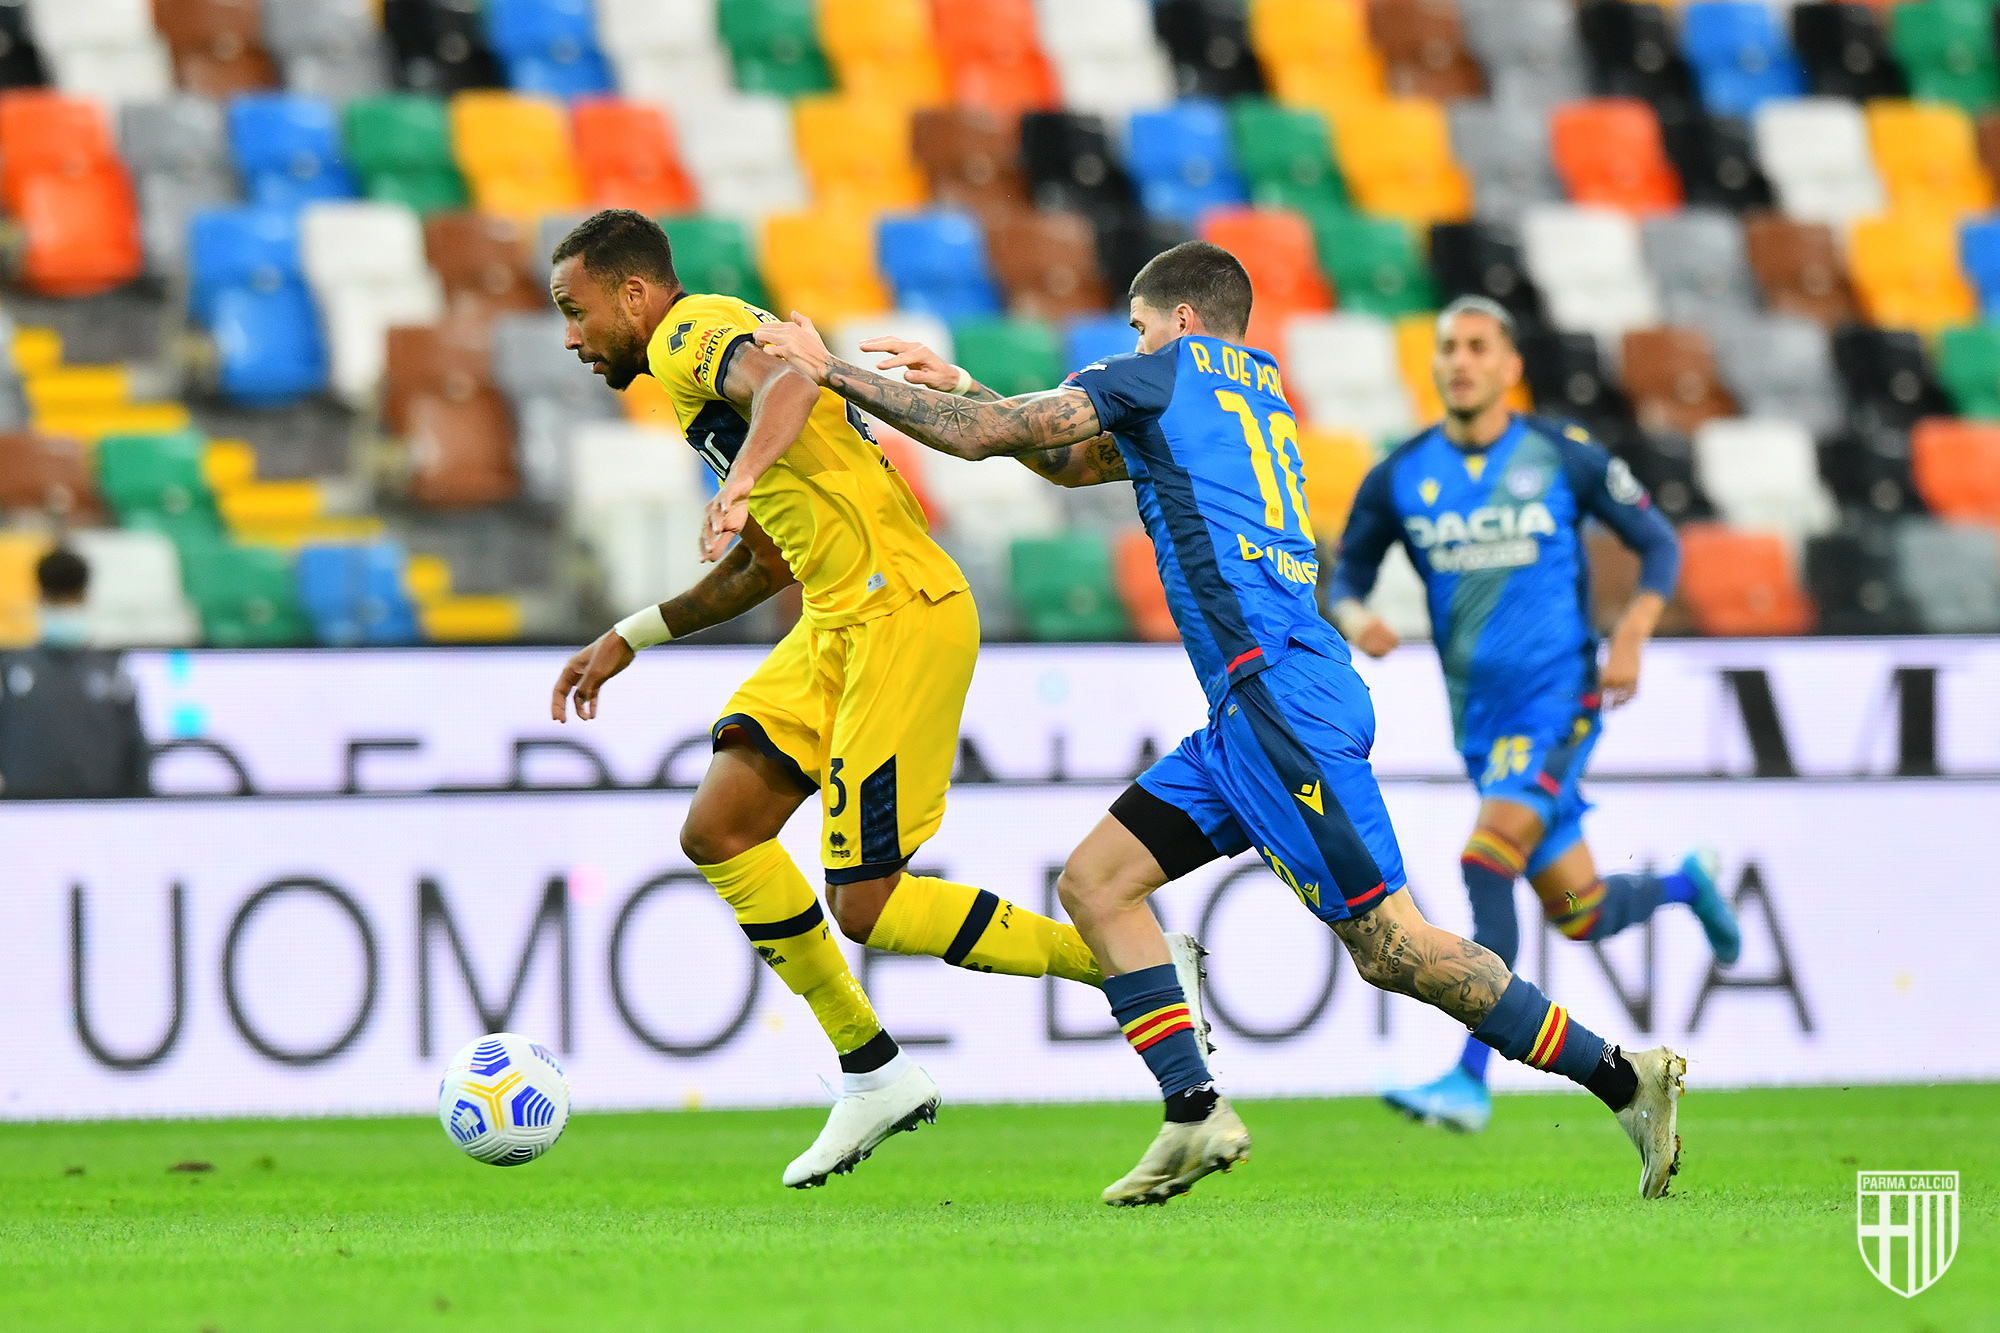 L'Udinese batte il Parma e lascia il Toro da solo all'ultimo posto